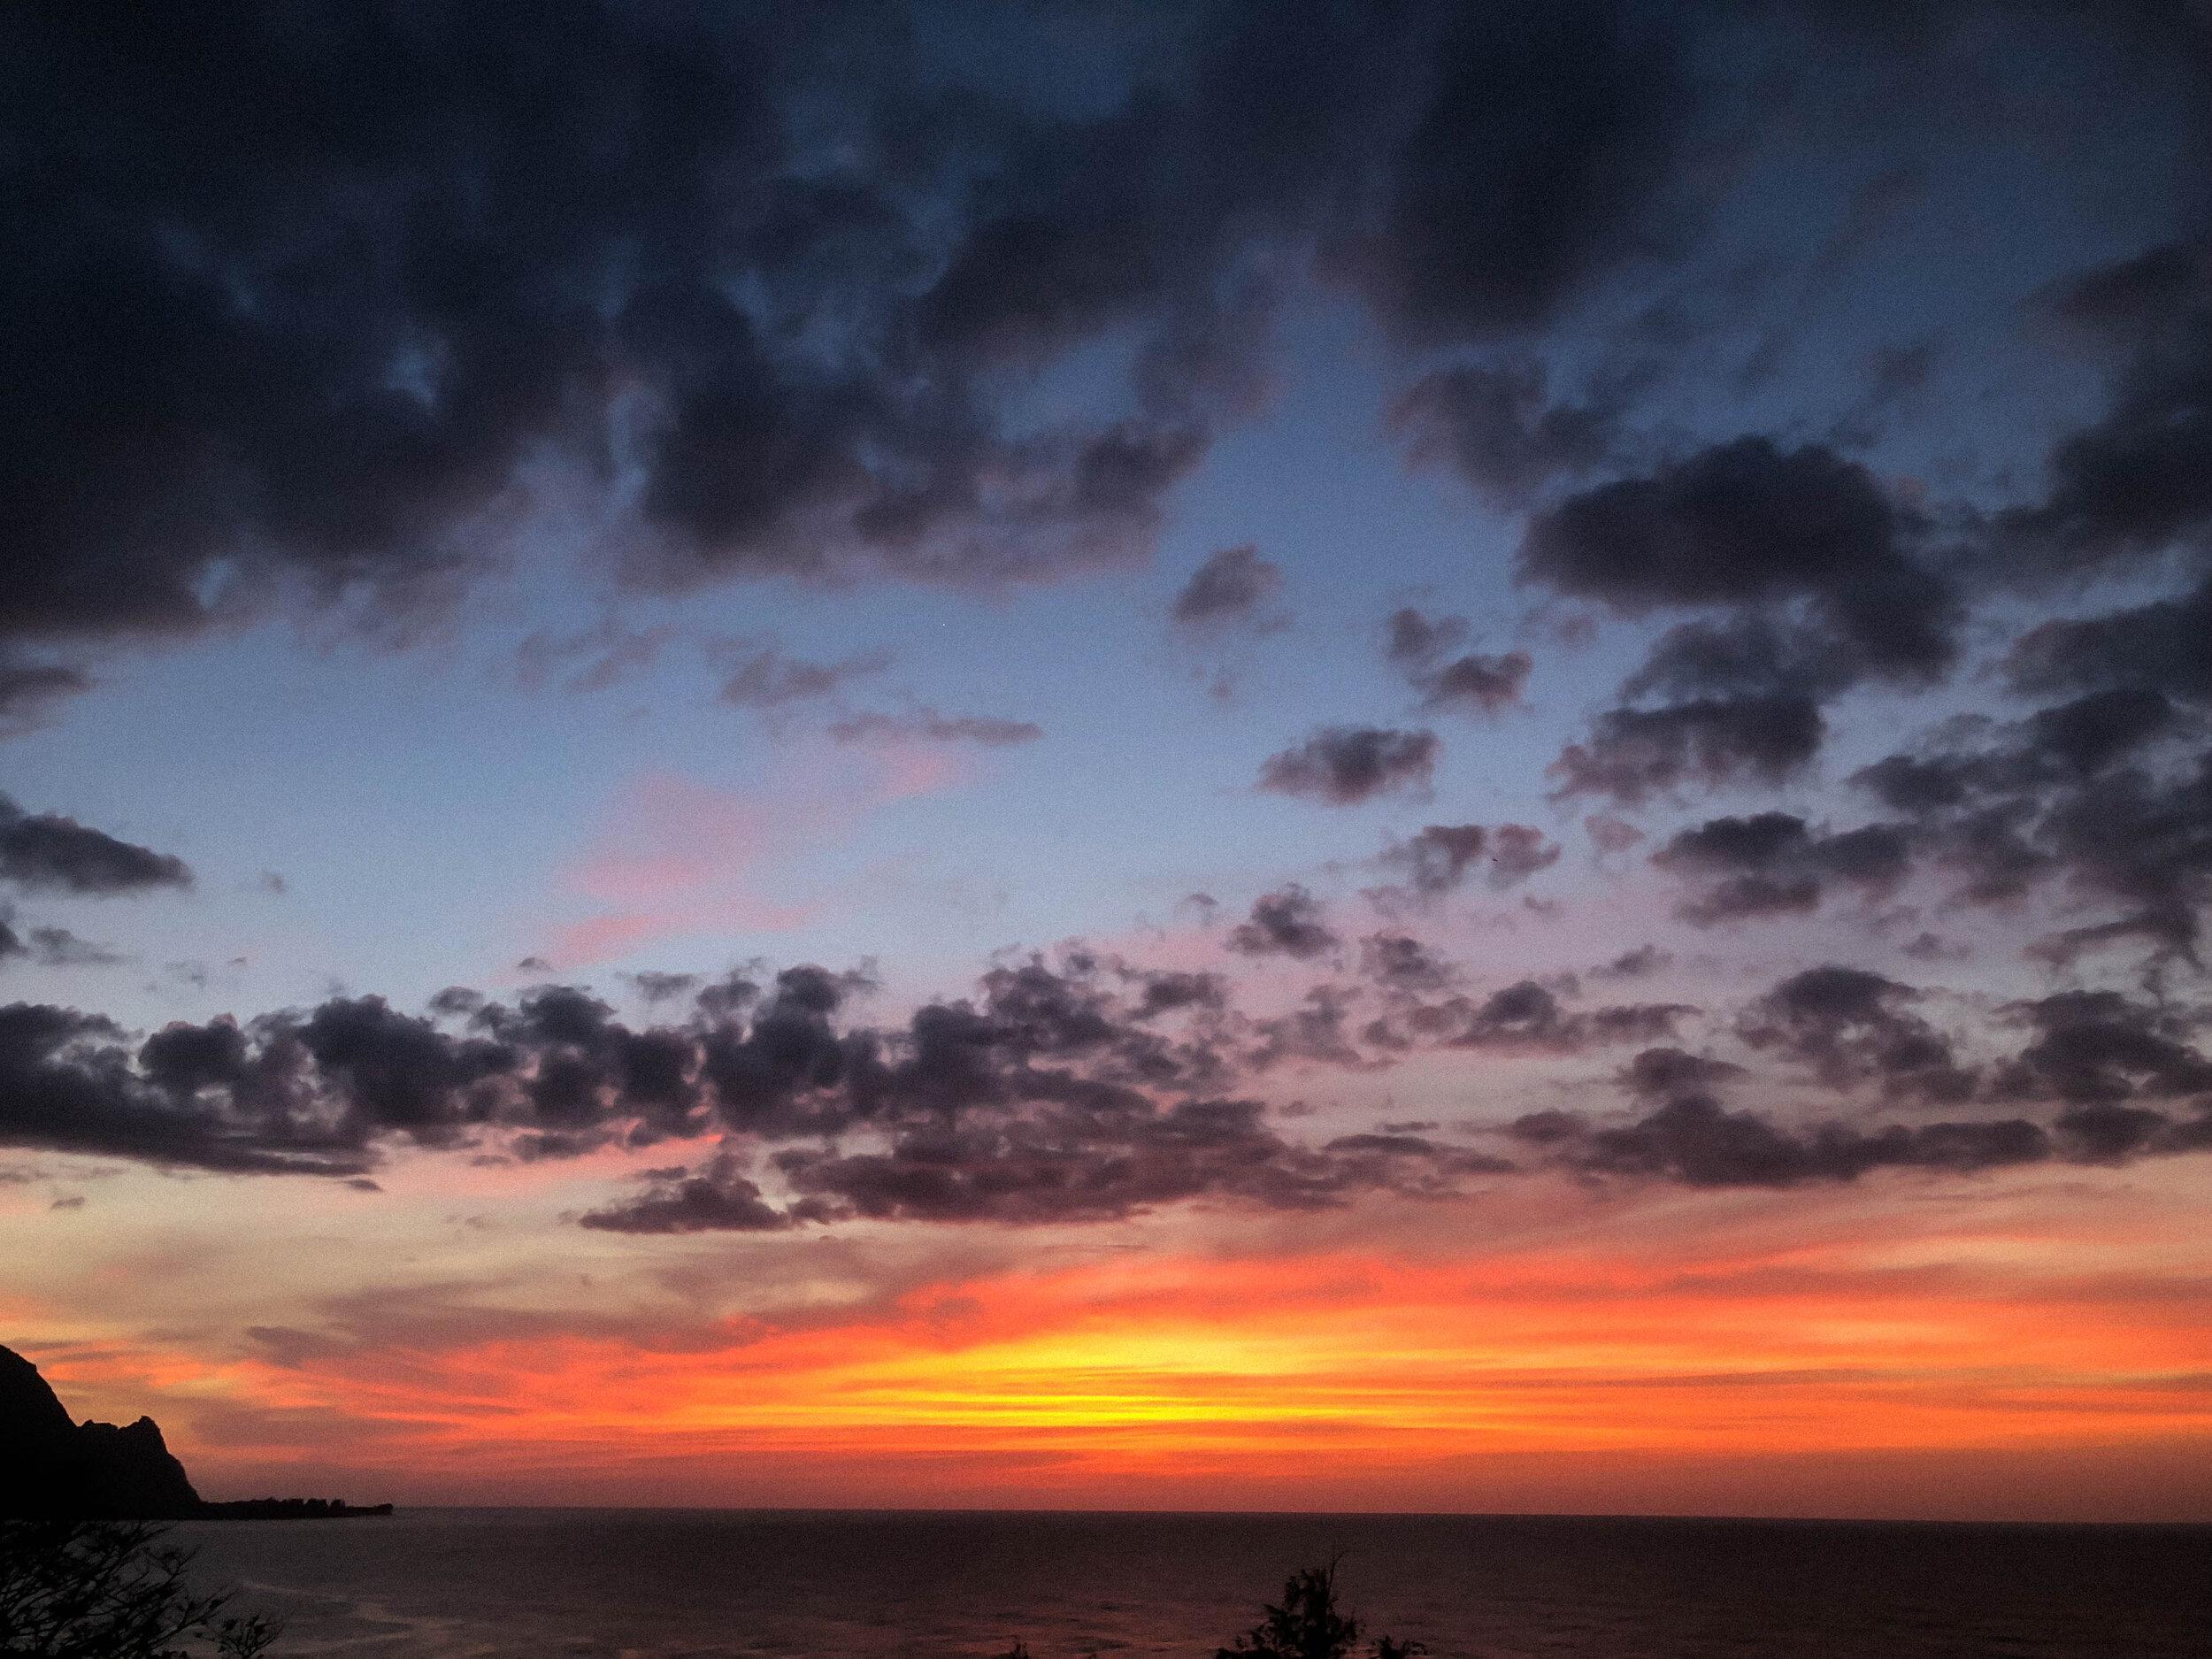 Sunset over Bali Hai